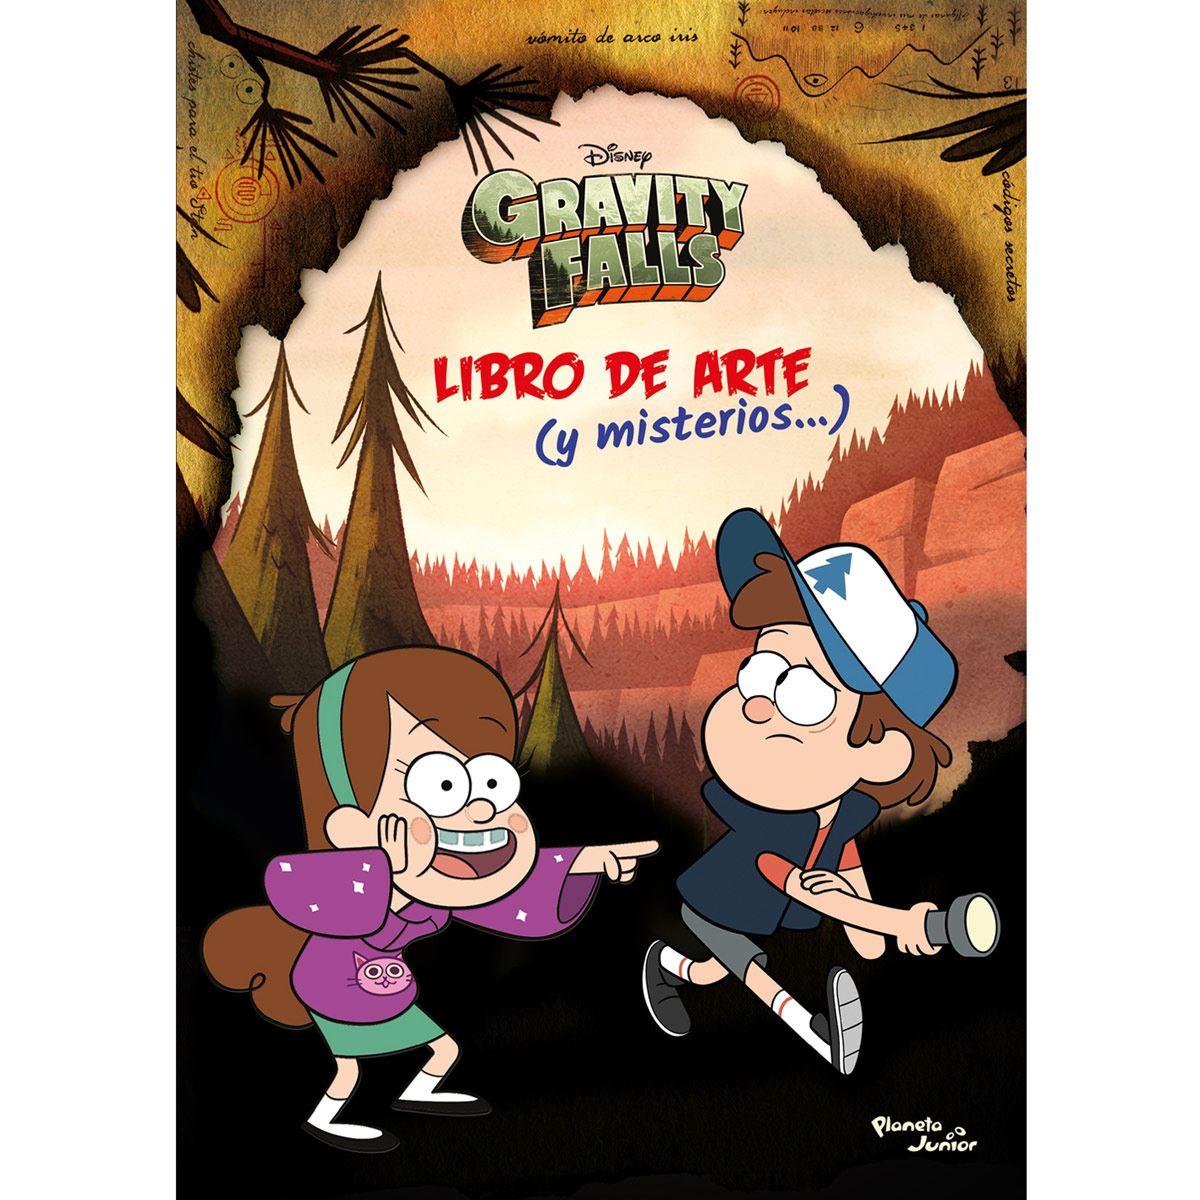 Gravity Falls. Libro de arte (y misterios…)